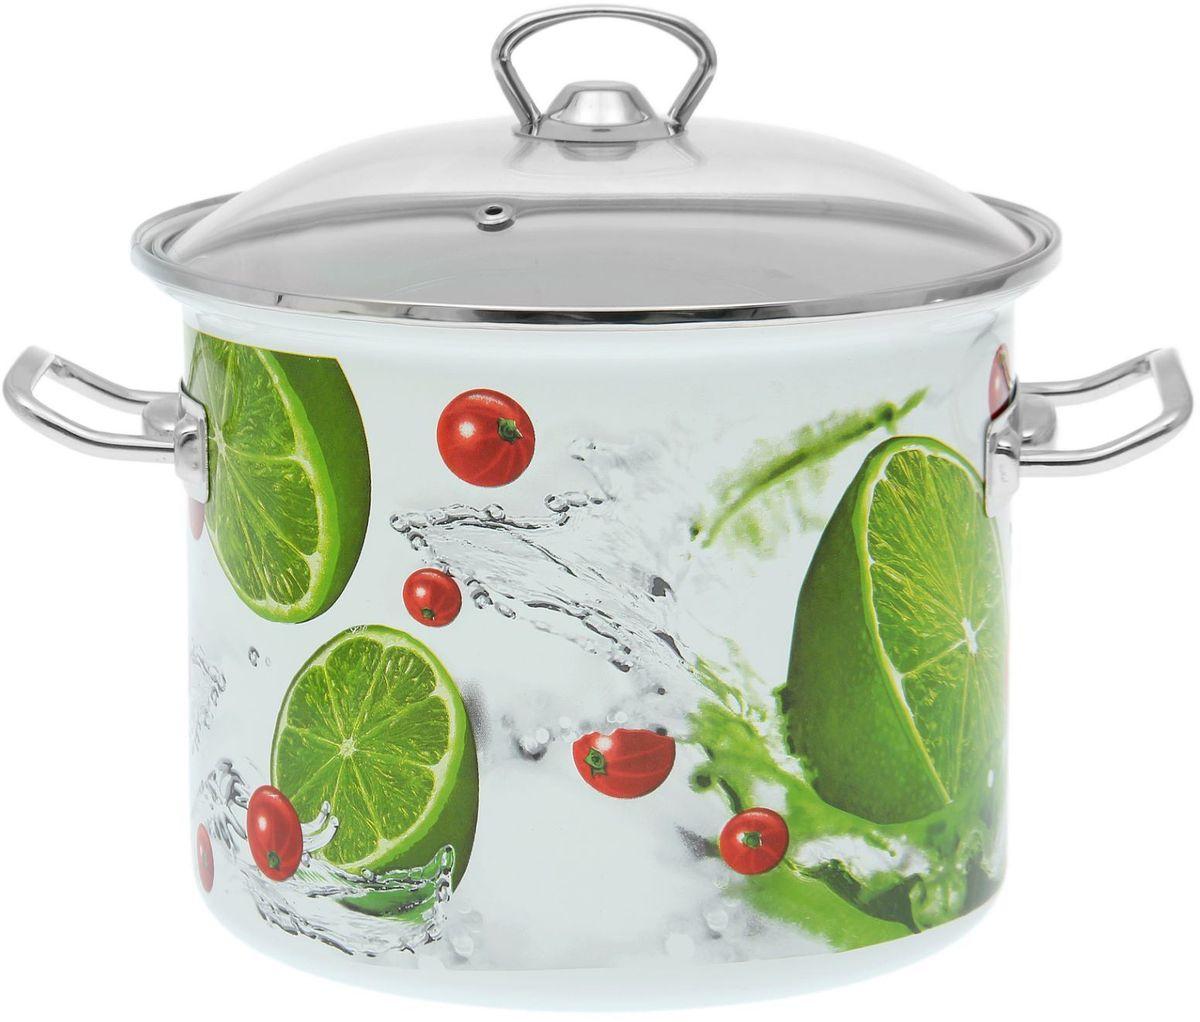 Кастрюля Epos Лайм, 5,5 л1721284Эмалированная кастрюля пригодится вам для быстрого приготовления разных типов блюд. Такая посуда подходит для домашнего и профессионального использования.Кастрюля цилиндрическая — помощь на кухне на долгие годы.Достоинства:посуда быстро и равномерно нагревается;корпус стоек к ржавчине;изделие легко отмывается в посудомоечной машине.Благодаря приятным цветам кастрюля удачно впишется в любой дизайн интерьера. Наилучшее качество покрытия достигается за счёт того, что посуда проходит обжиг при температуре до 800 градусов.Чтобы предмет сохранял наилучшие эксплуатационные свойства, соблюдайте правила ухода:избегайте ударов и падений;не пользуйтесь высокоабразивными чистящими средствами;не допускайте резких перепадов температуры.Посуда подходит для долговременного хранения пищи.